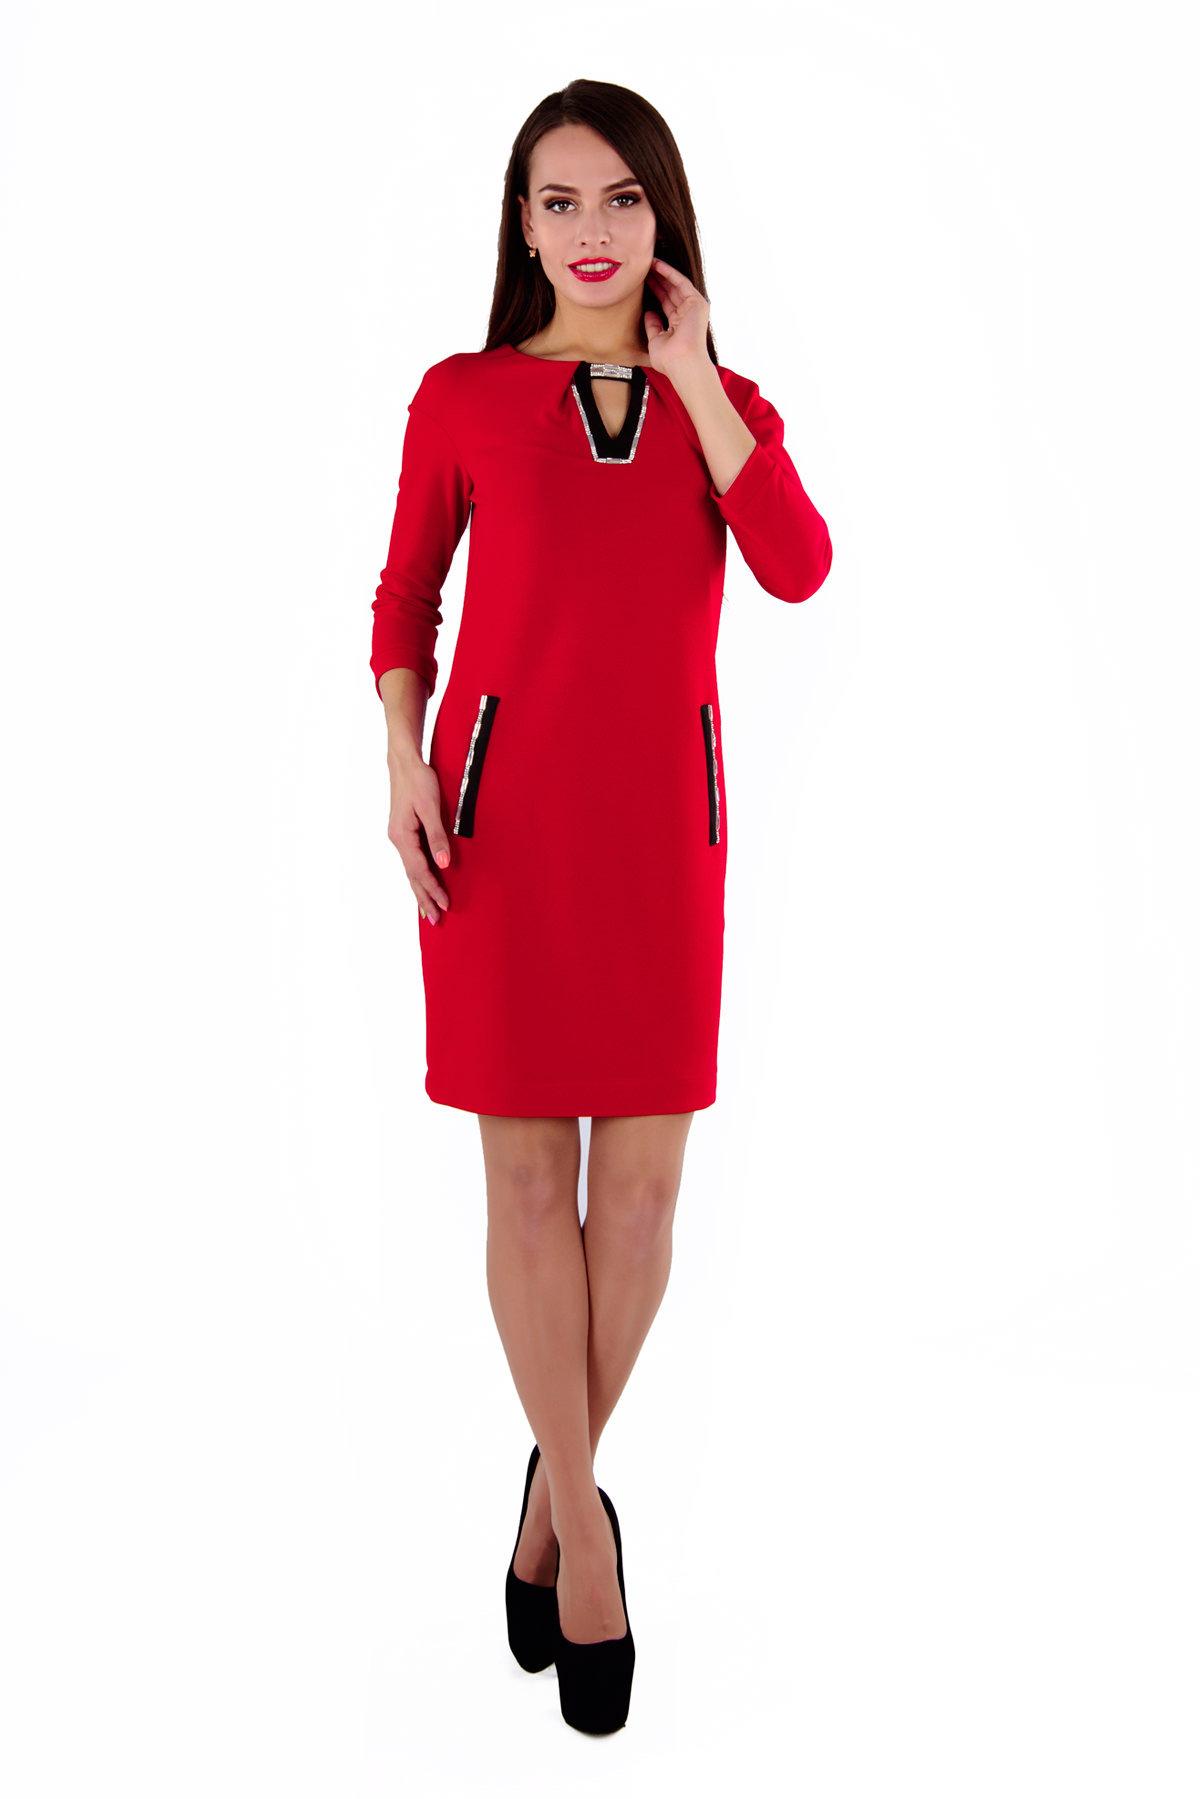 Купить Женскую Одежду От Производителя Доставка